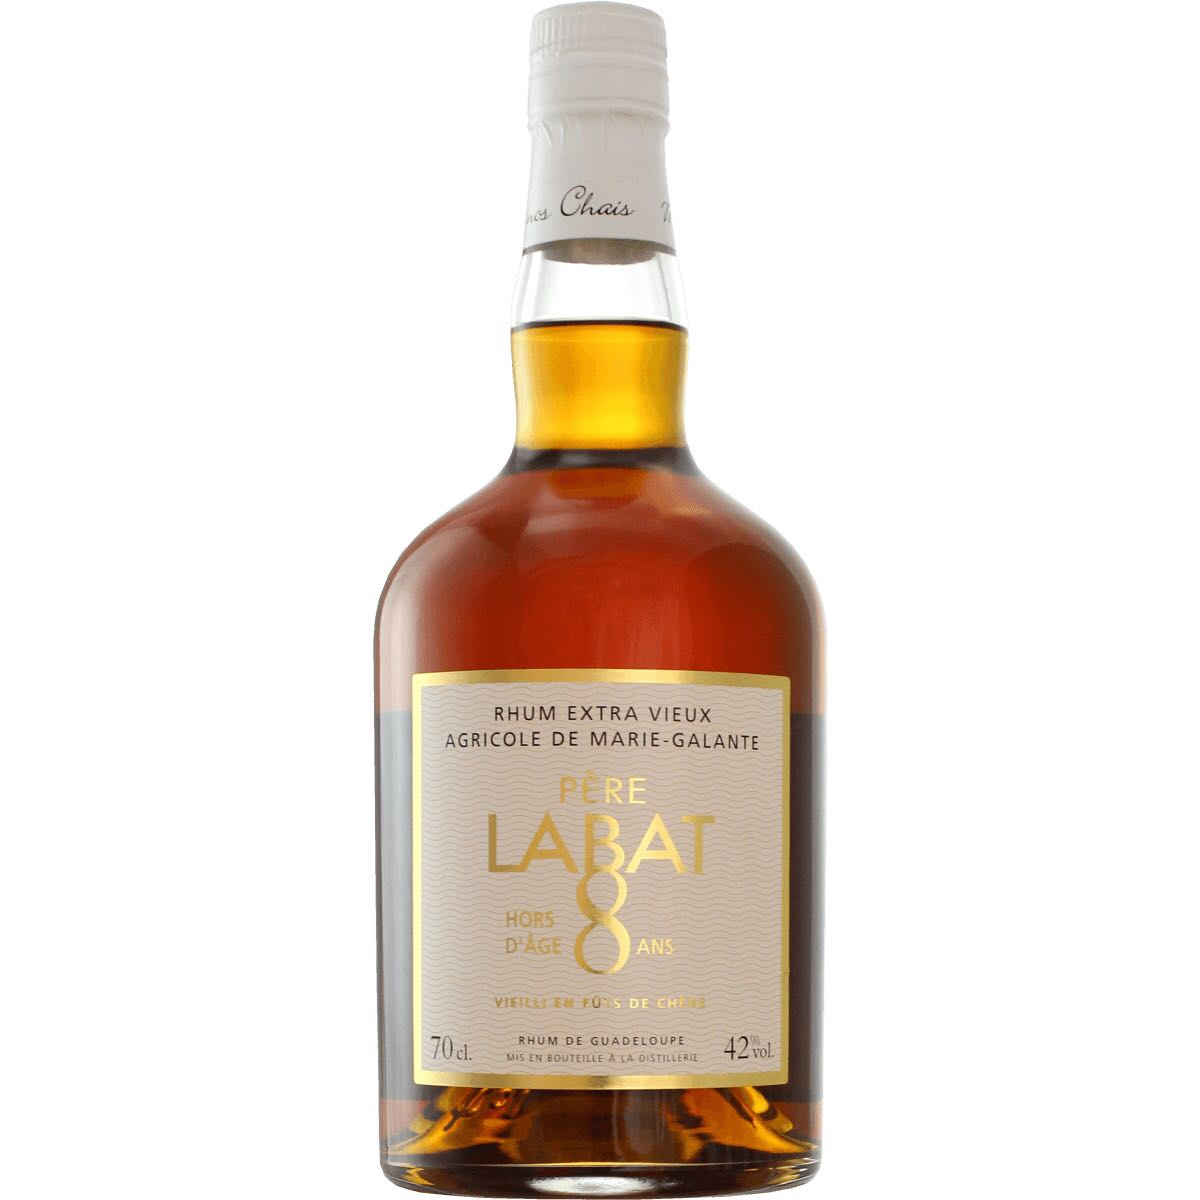 Bottle image of Père Labat 8 Ans Très Vieux